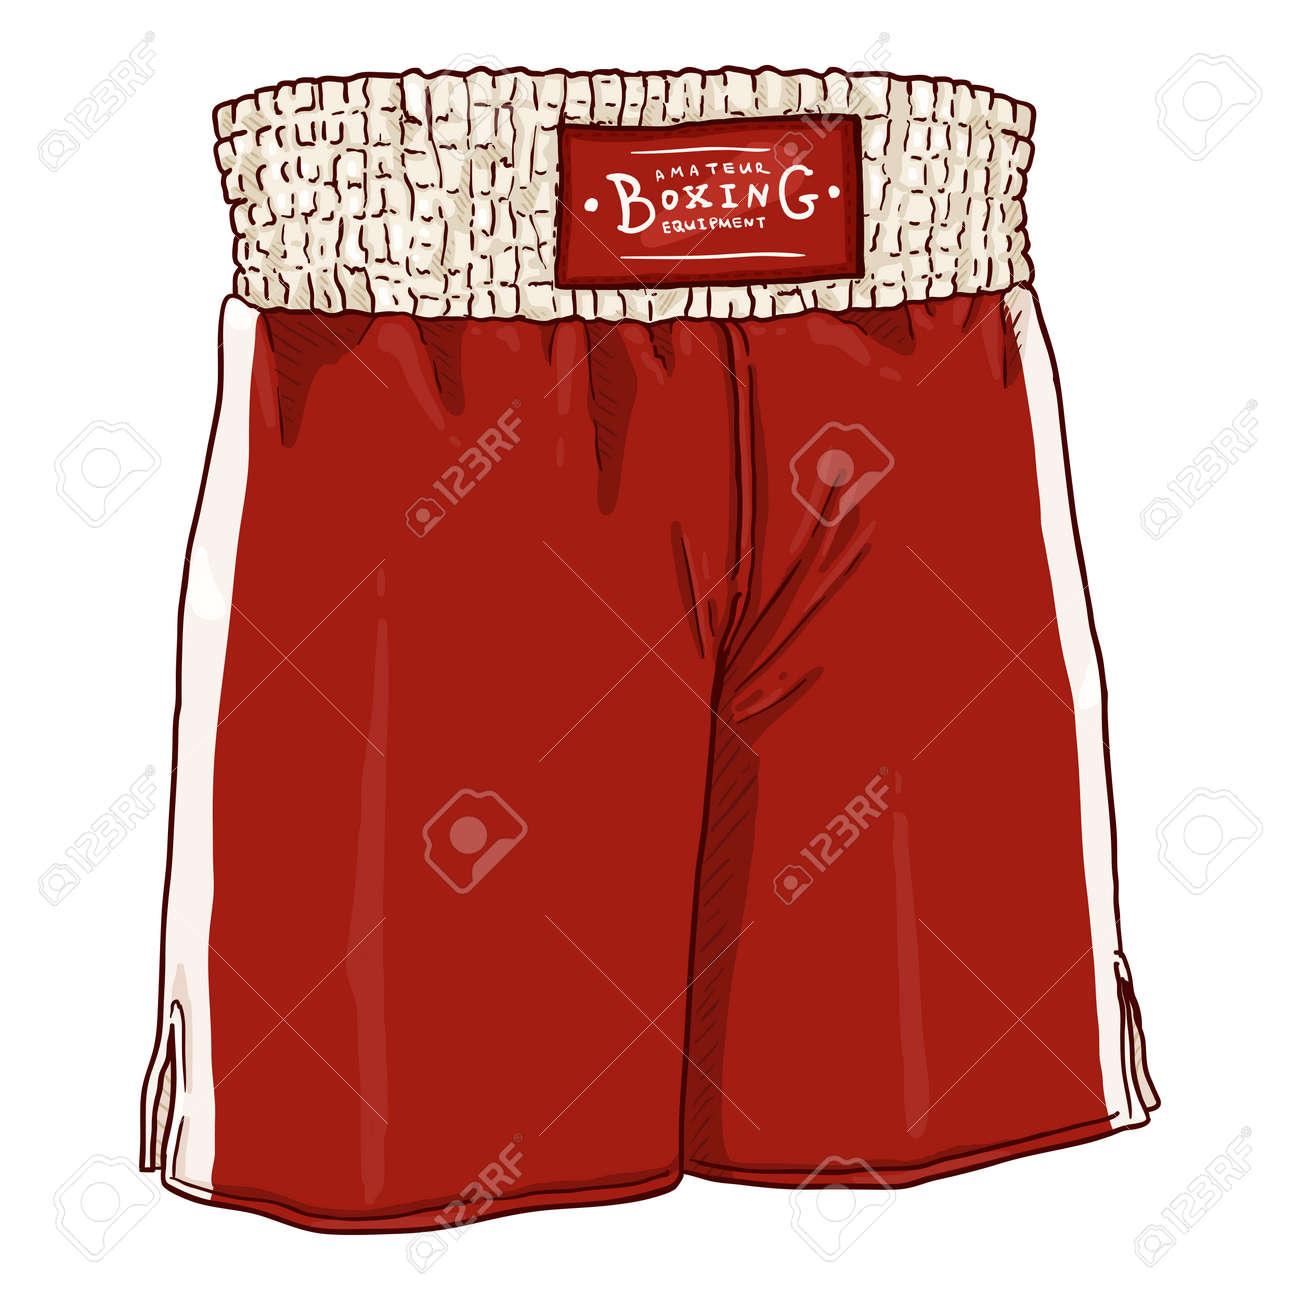 Vector Cartoon Red Boxing Shorts - 168798658